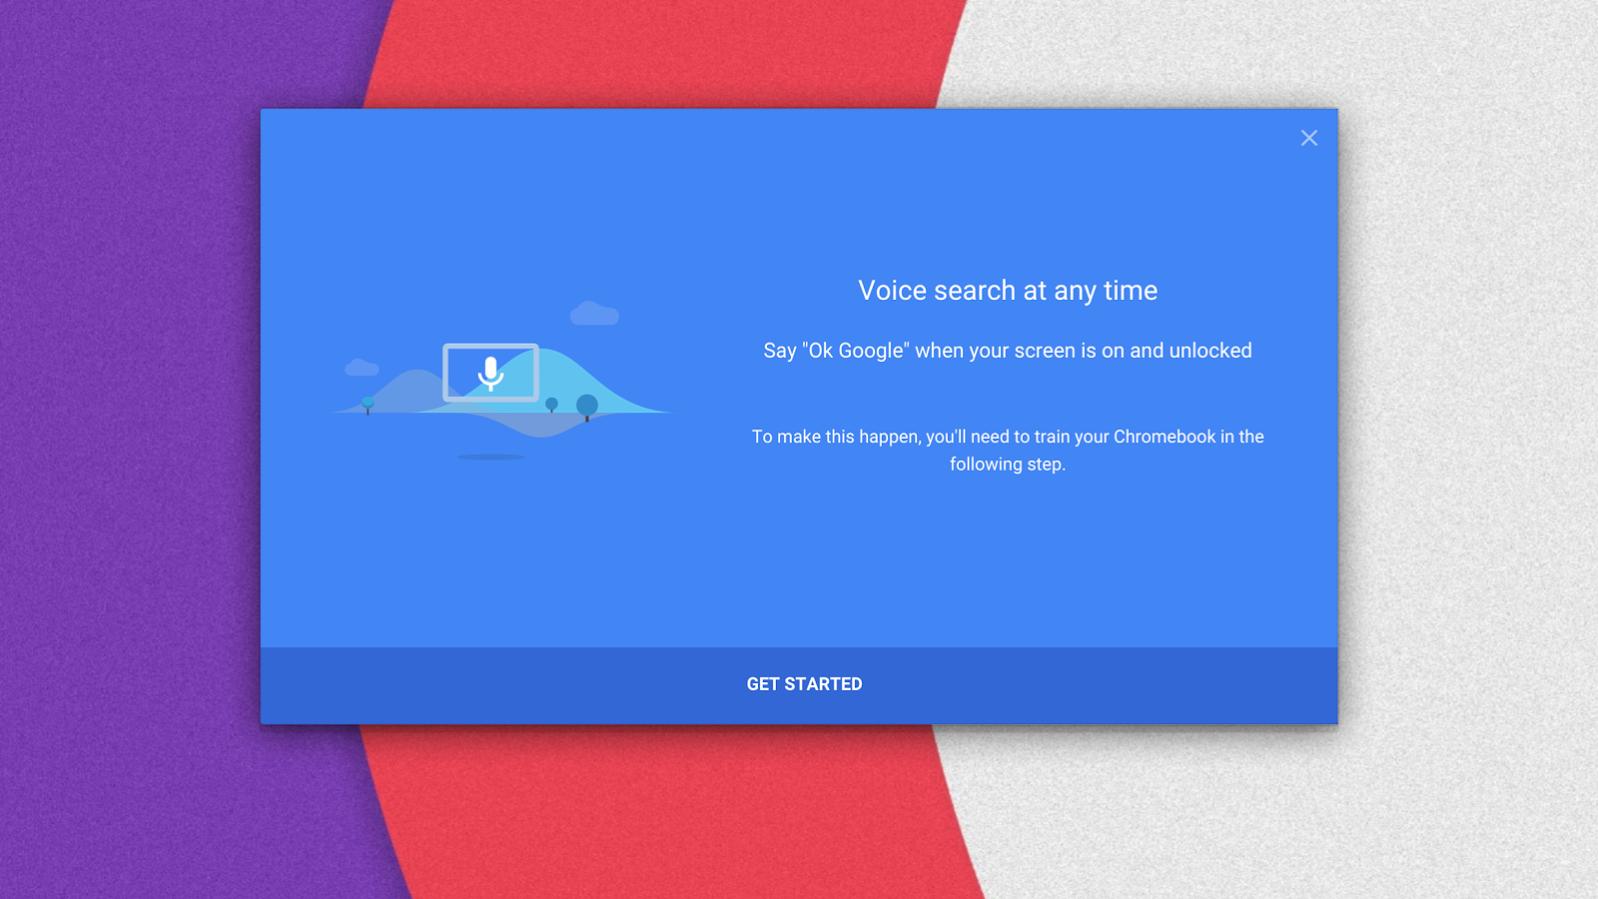 Chromebook, OK Google, capture de l'écran de démarrage